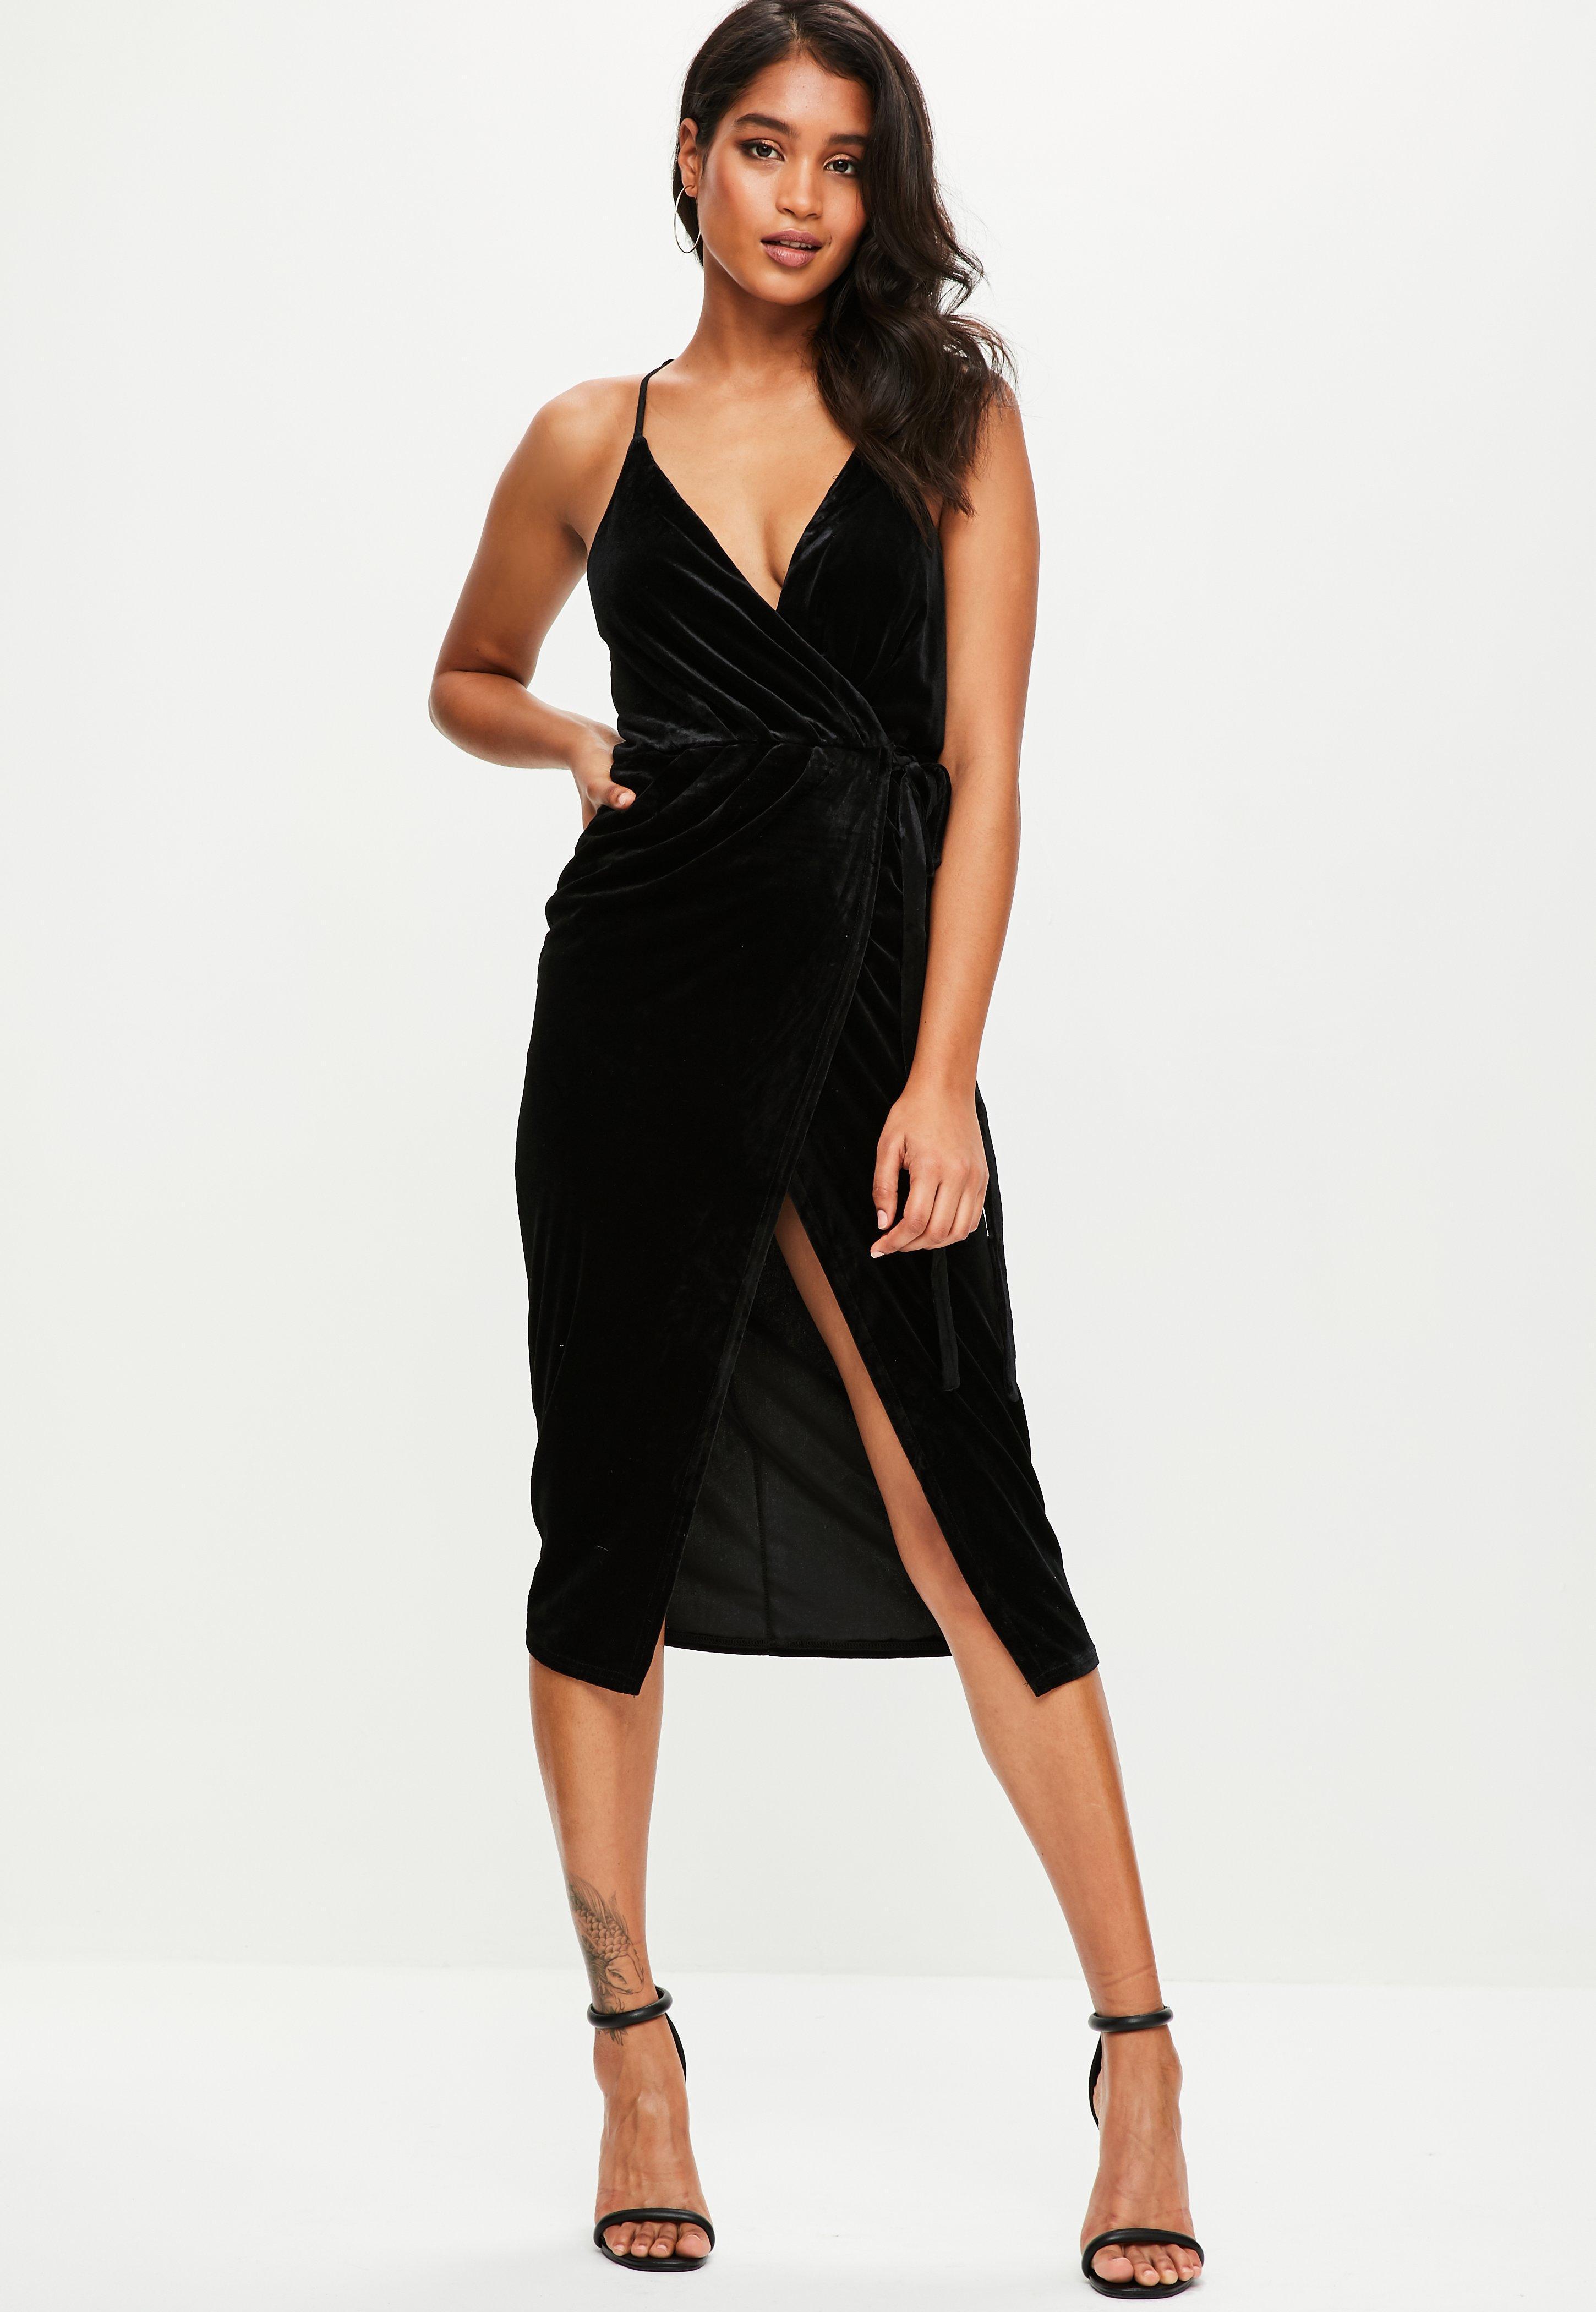 Missguided velvet racer high neck midi dress black in black lyst - Missguided Black Velvet Midi Cami Dress Lyst View Fullscreen